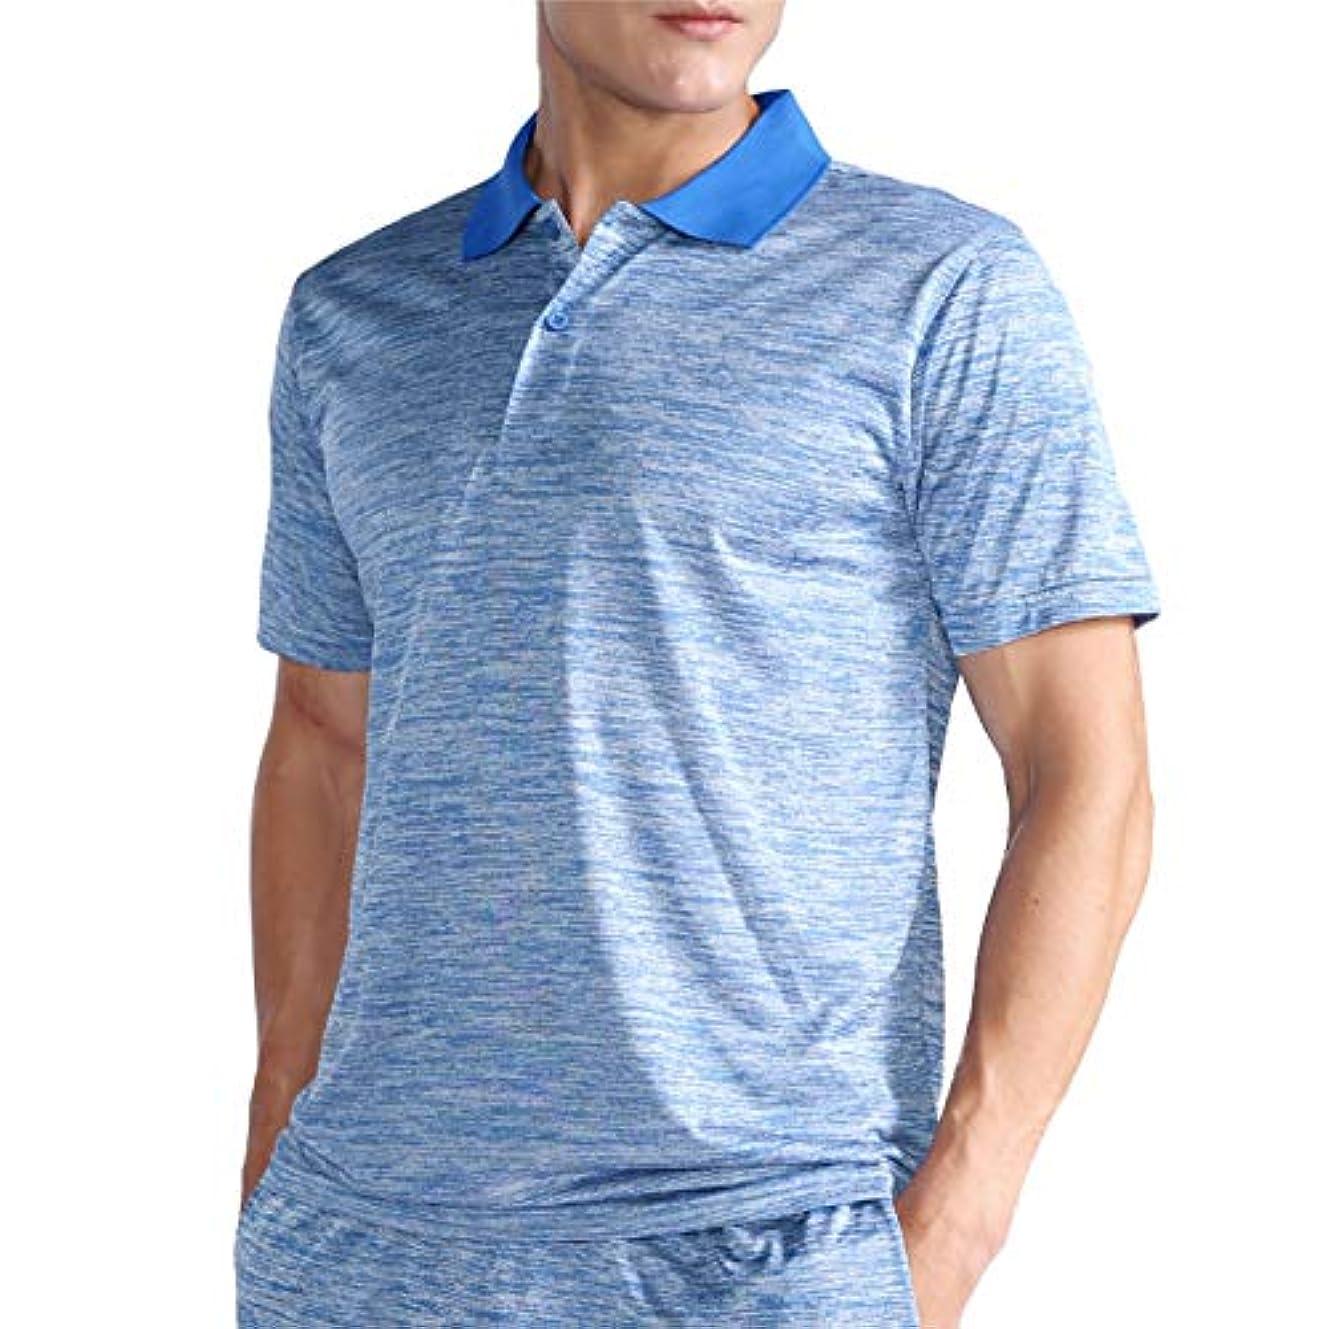 食品赤字自明USTAR(アスター) ポロシャツ ドライメッシュ 半袖 吸汗速乾 杢柄 メンズ poloシャツ スポーツシャツ トレーニングウェア ドライフィット 通年 (ブルー)